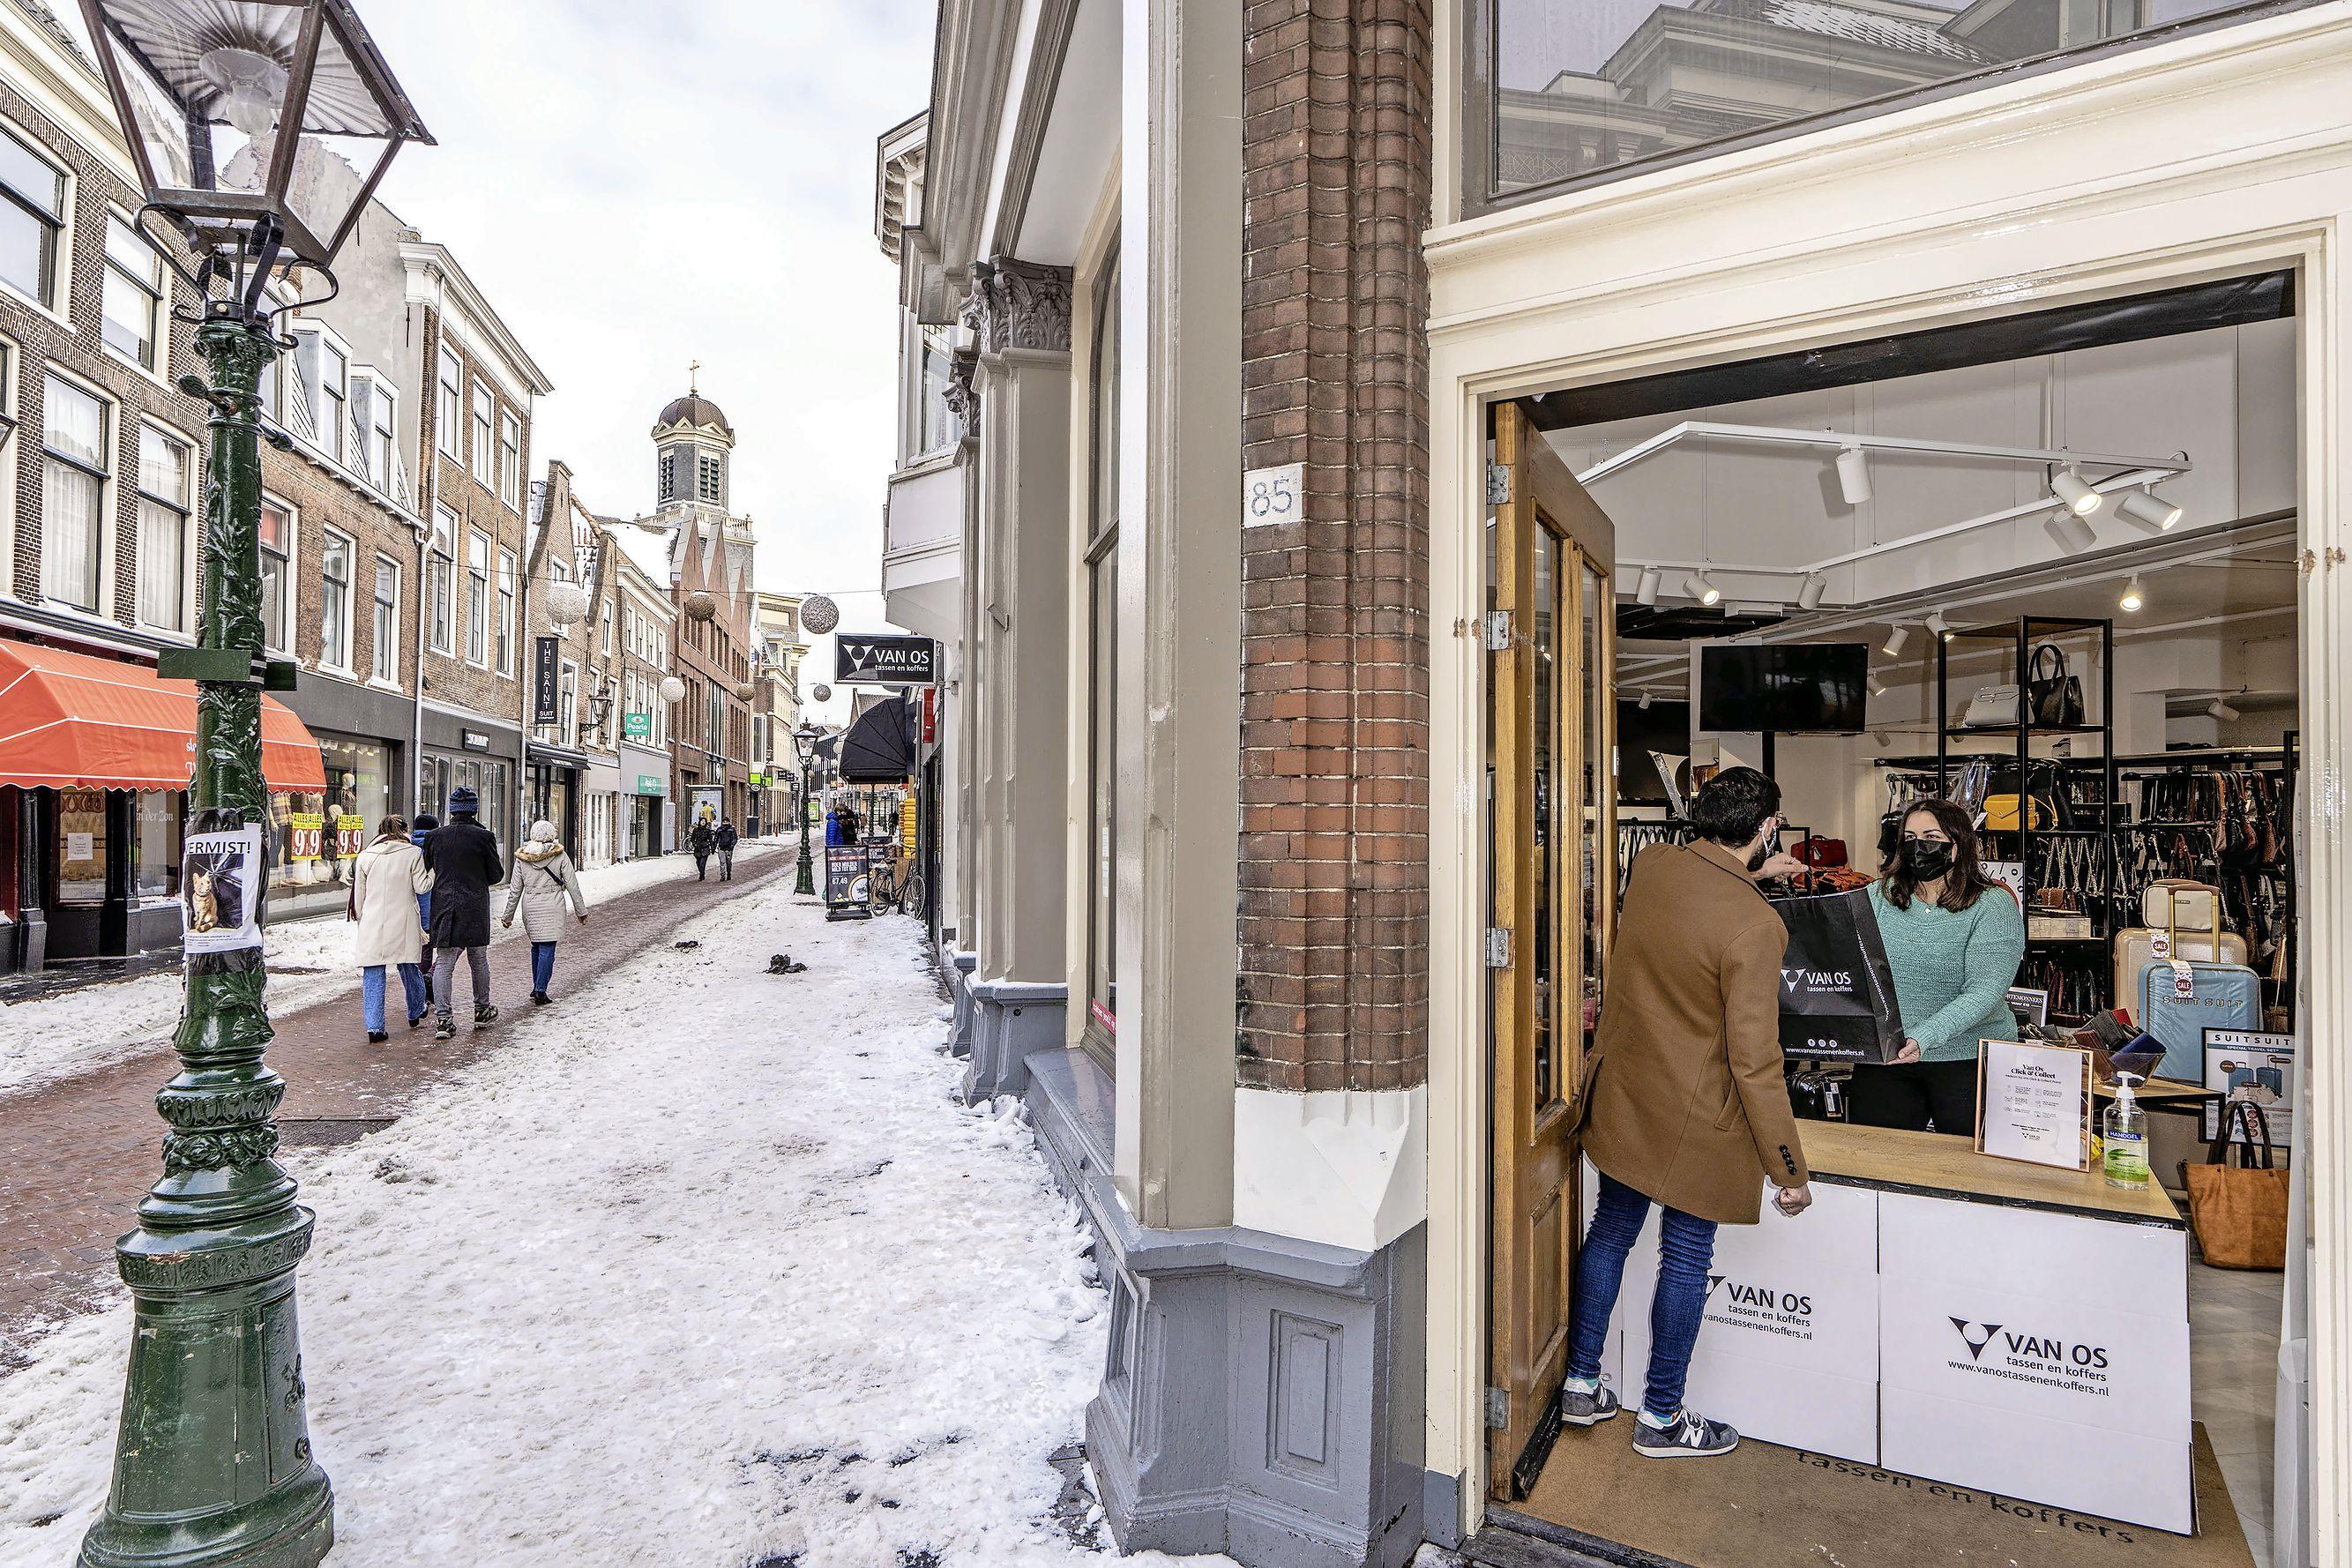 Click en collect winkelen: 'Een positieve stap vooruit voor winkeluitbaters'